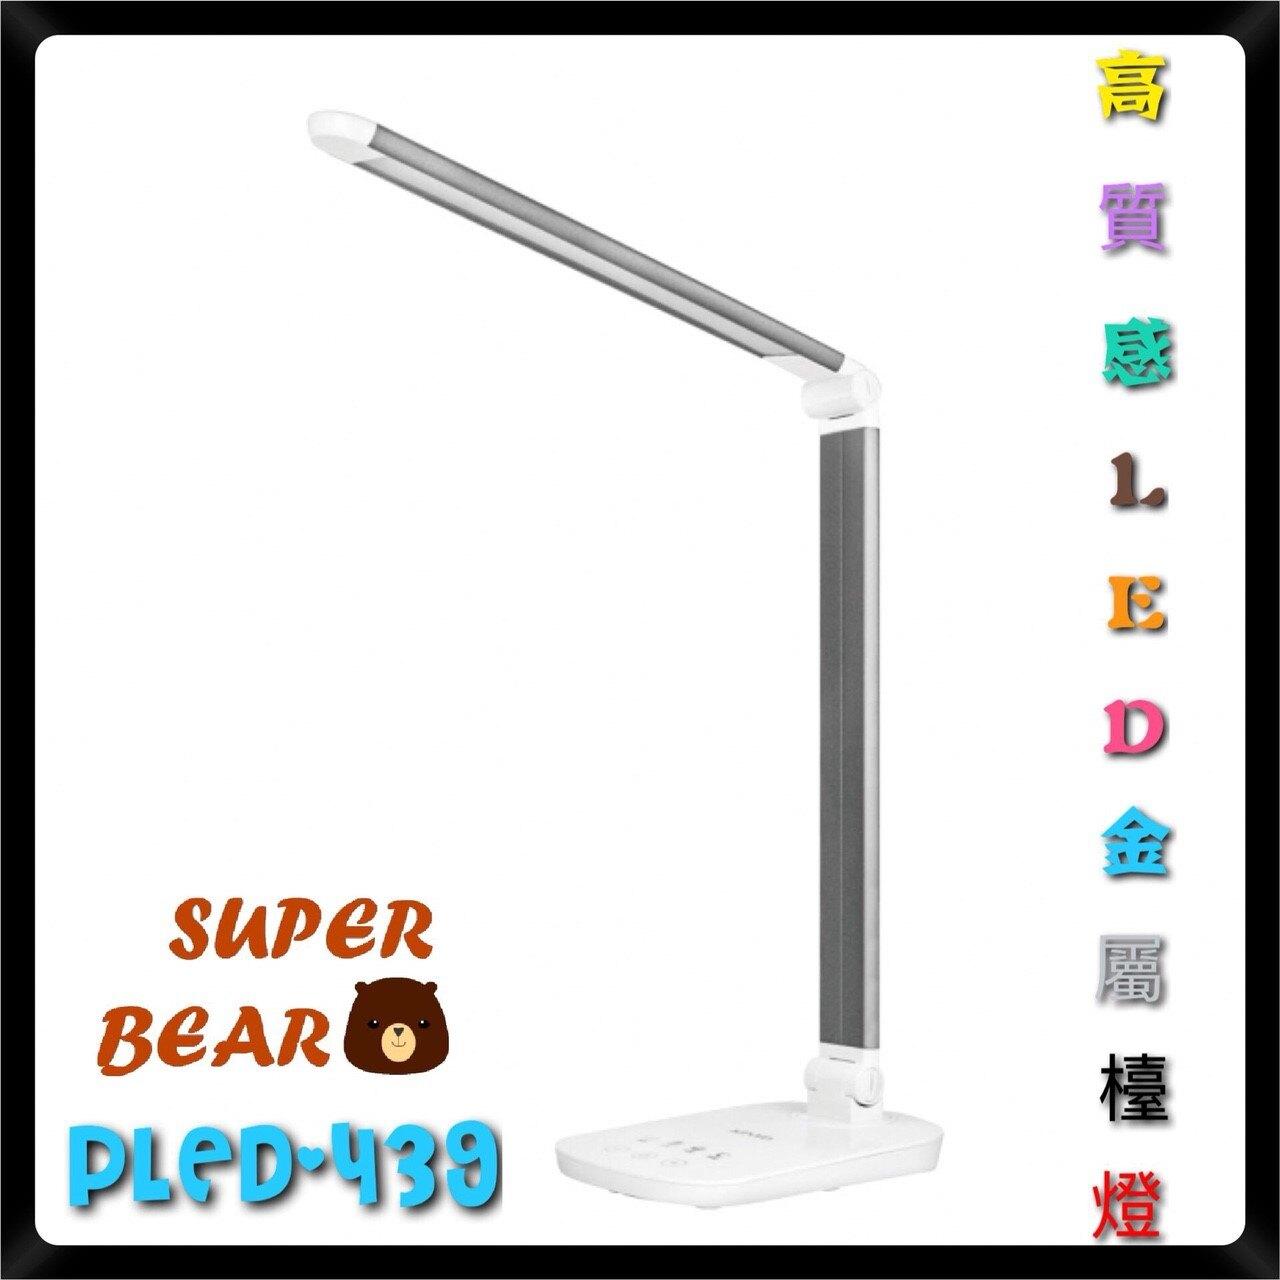 檯燈 耐嘉 KINYO PLED-439 高質感LED金屬檯燈 桌燈 觸控式開關 小夜燈 強照明